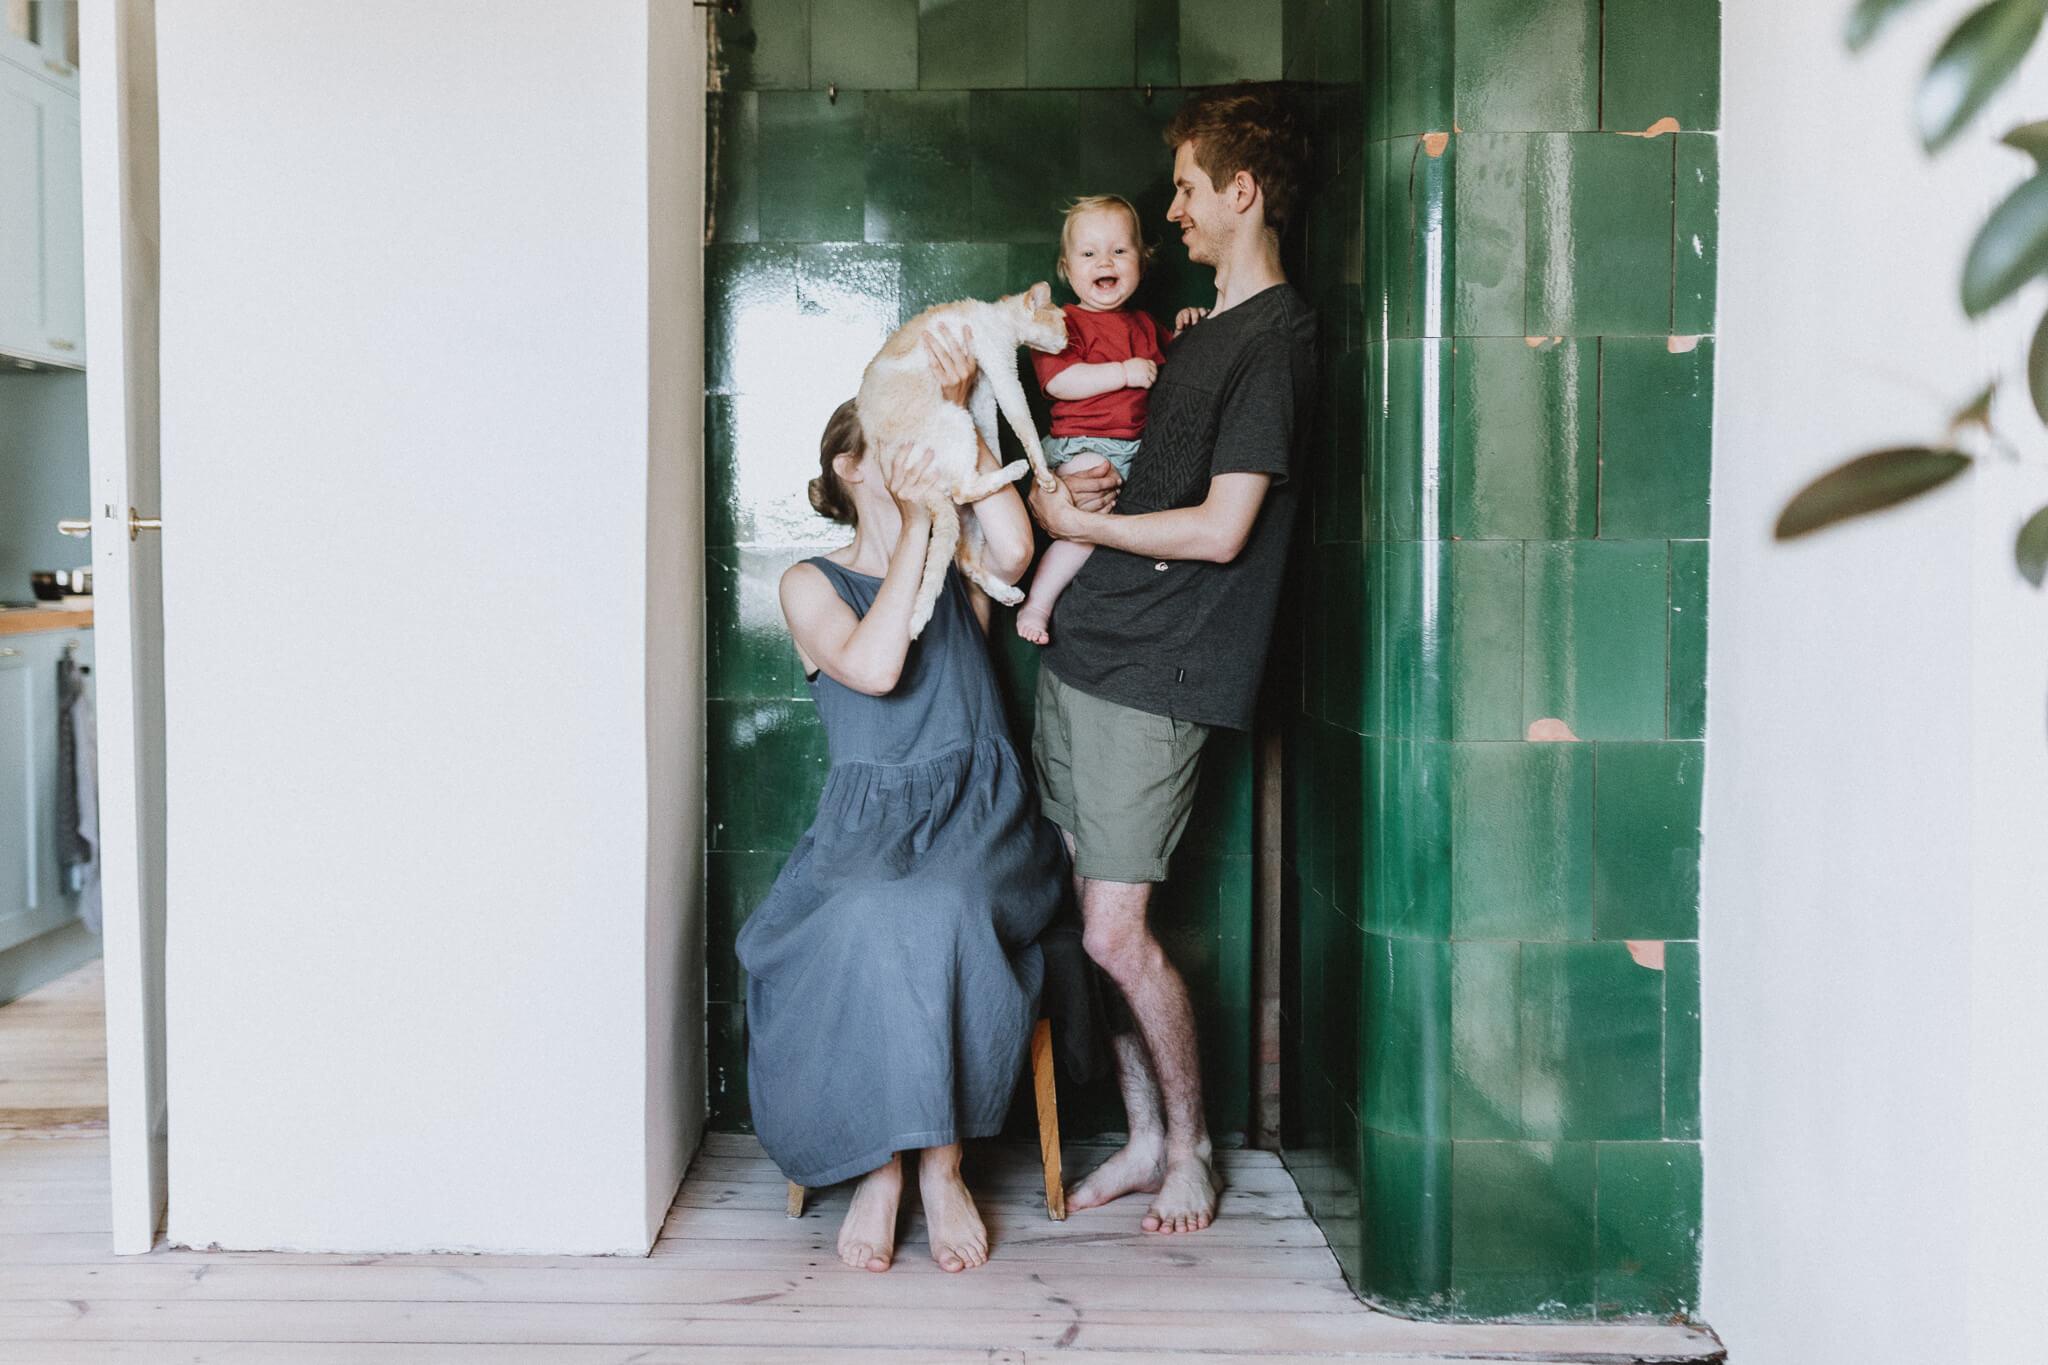 Elustiilifoto perest Tammelinna kodus. Ema, isa, tütar ja kass.